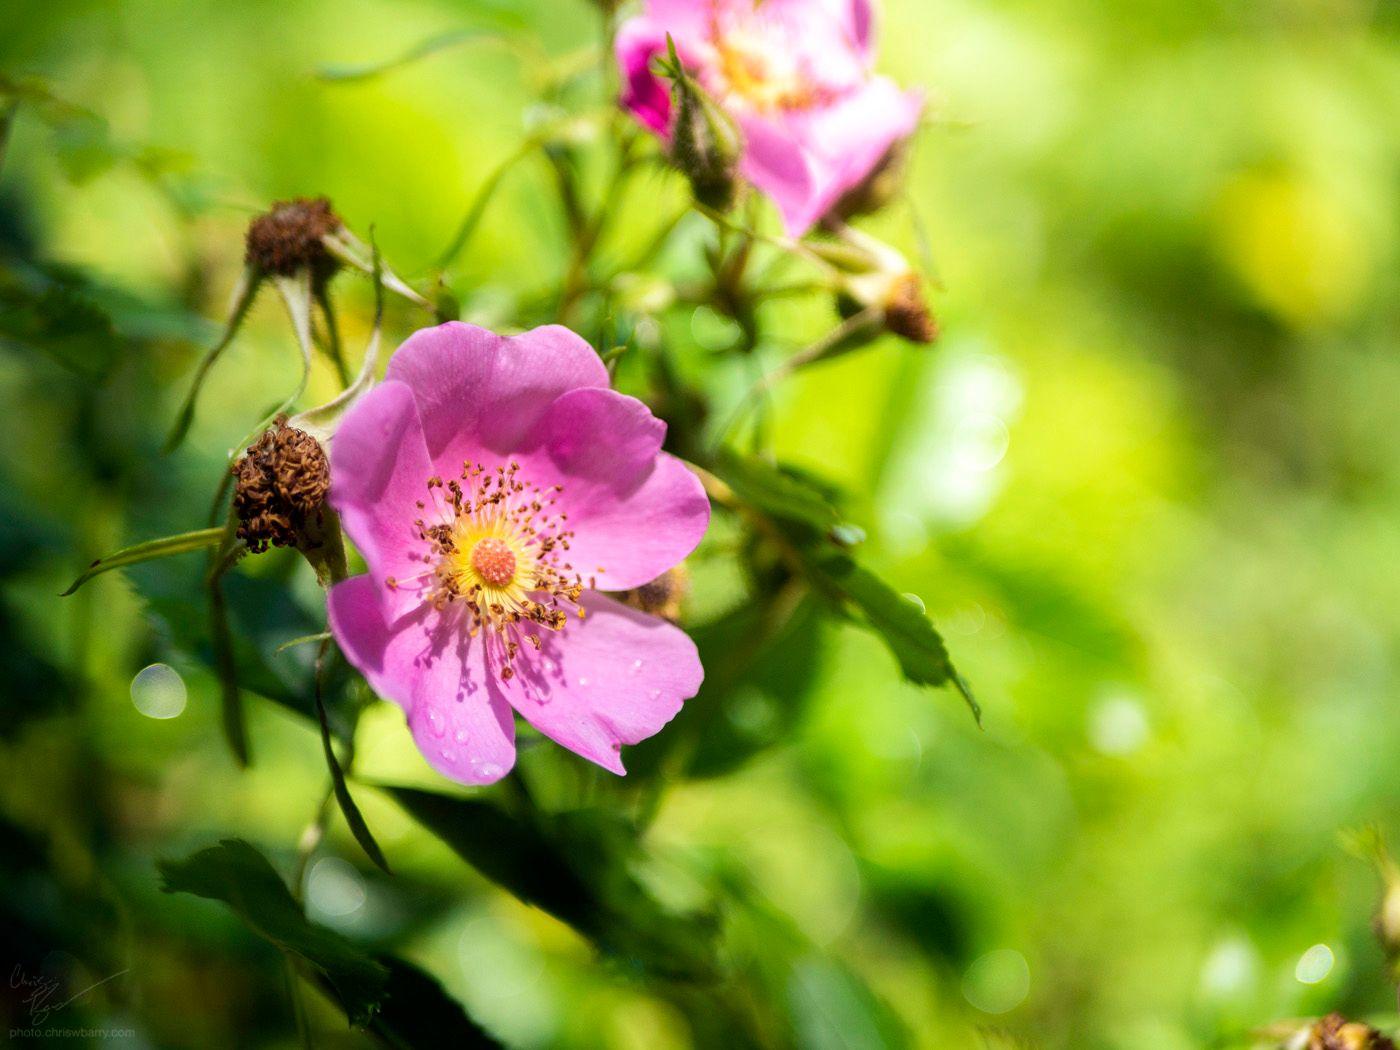 6-30-20: Multiflora Rose